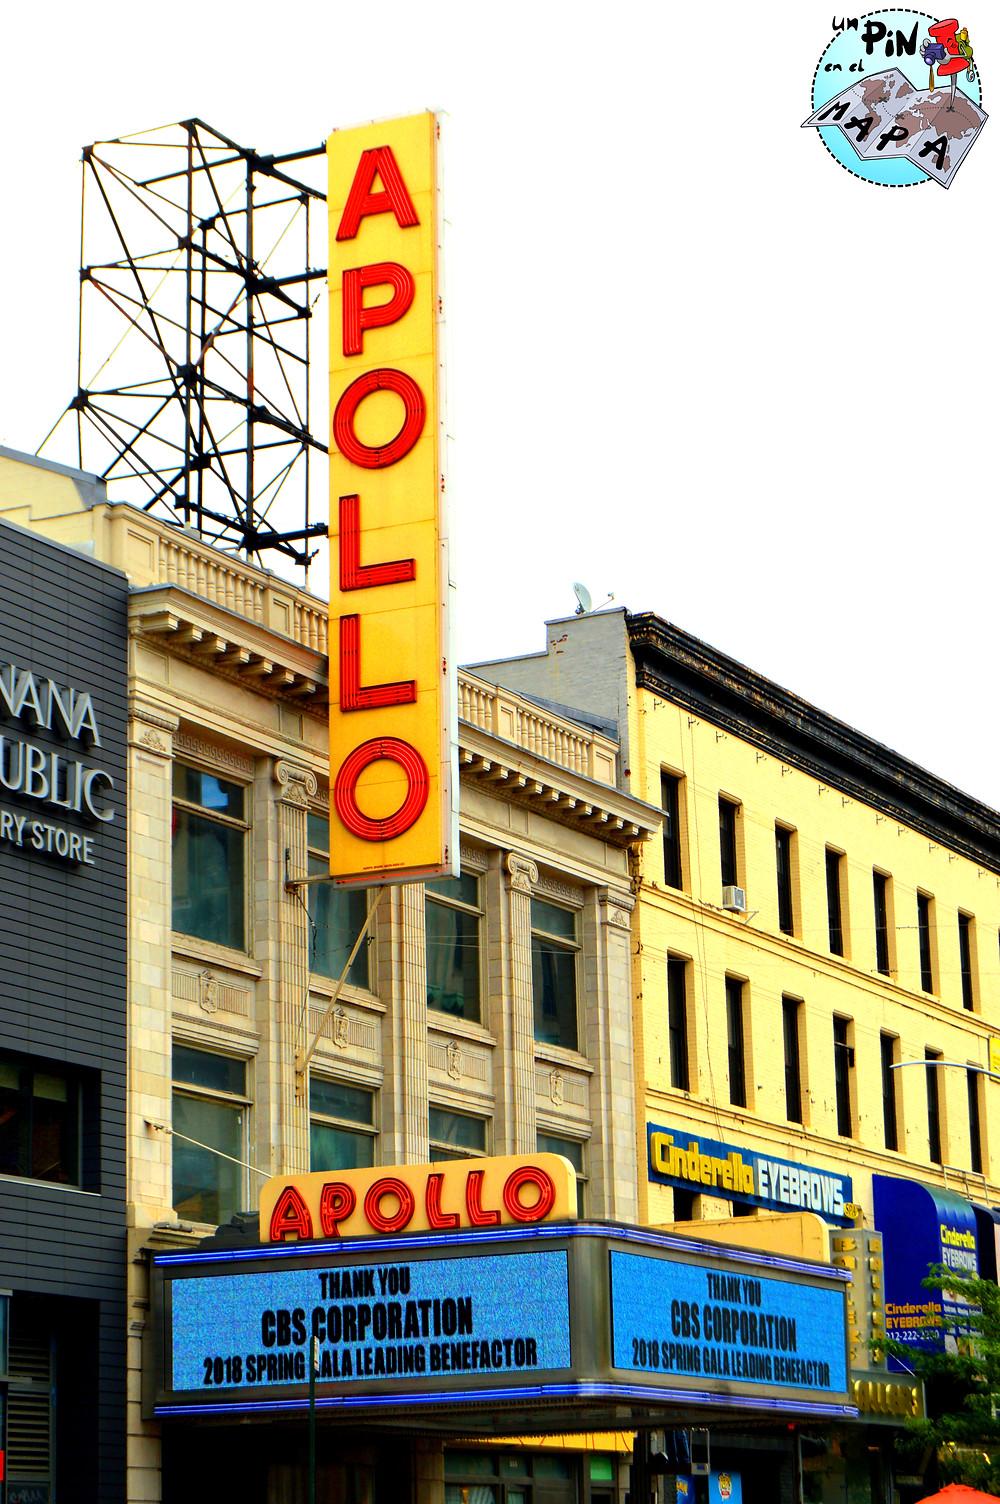 Teatro Apolo, Nueva York | Un Pin en el Mapa